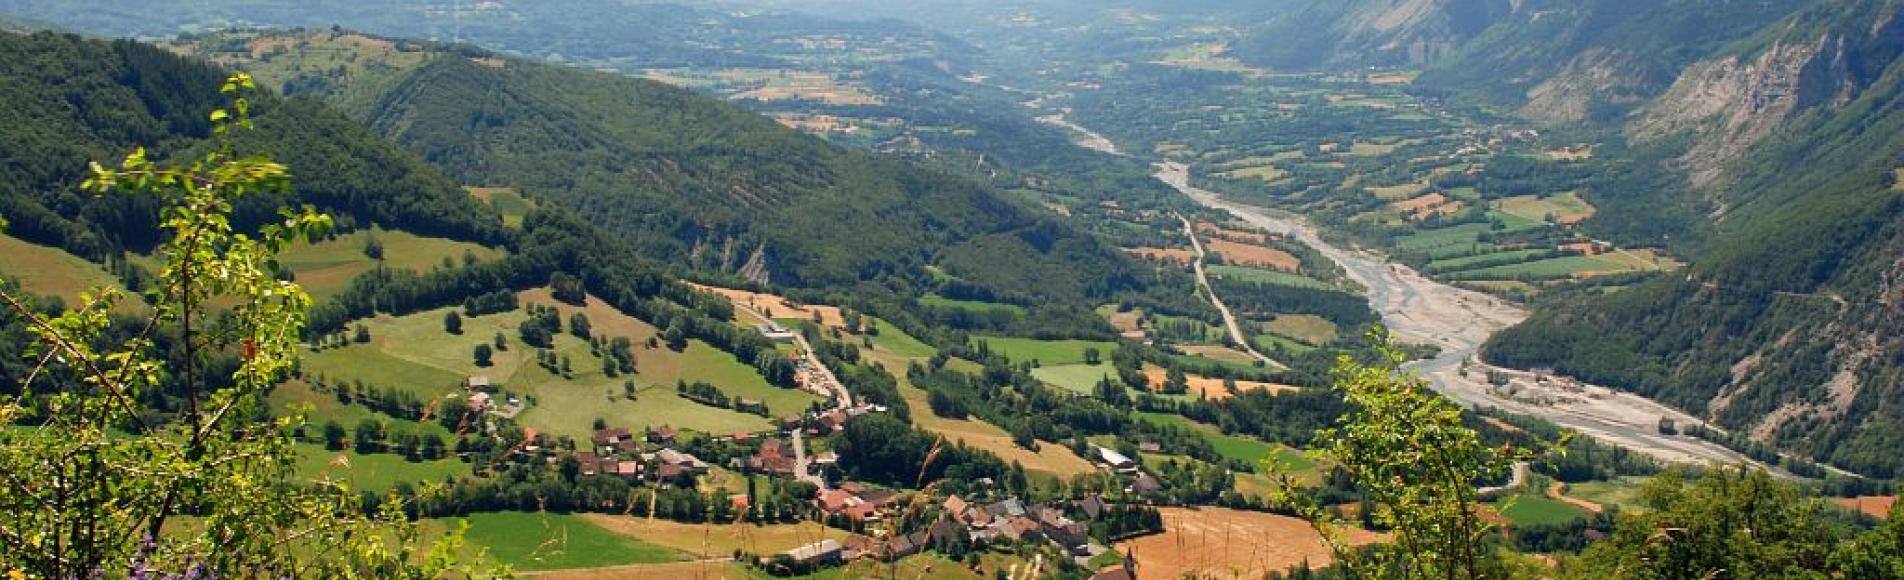 La vallée du Drac et Aspres-les-Corps © Jean-Pierre Nicollet - Parc national des Ecrins